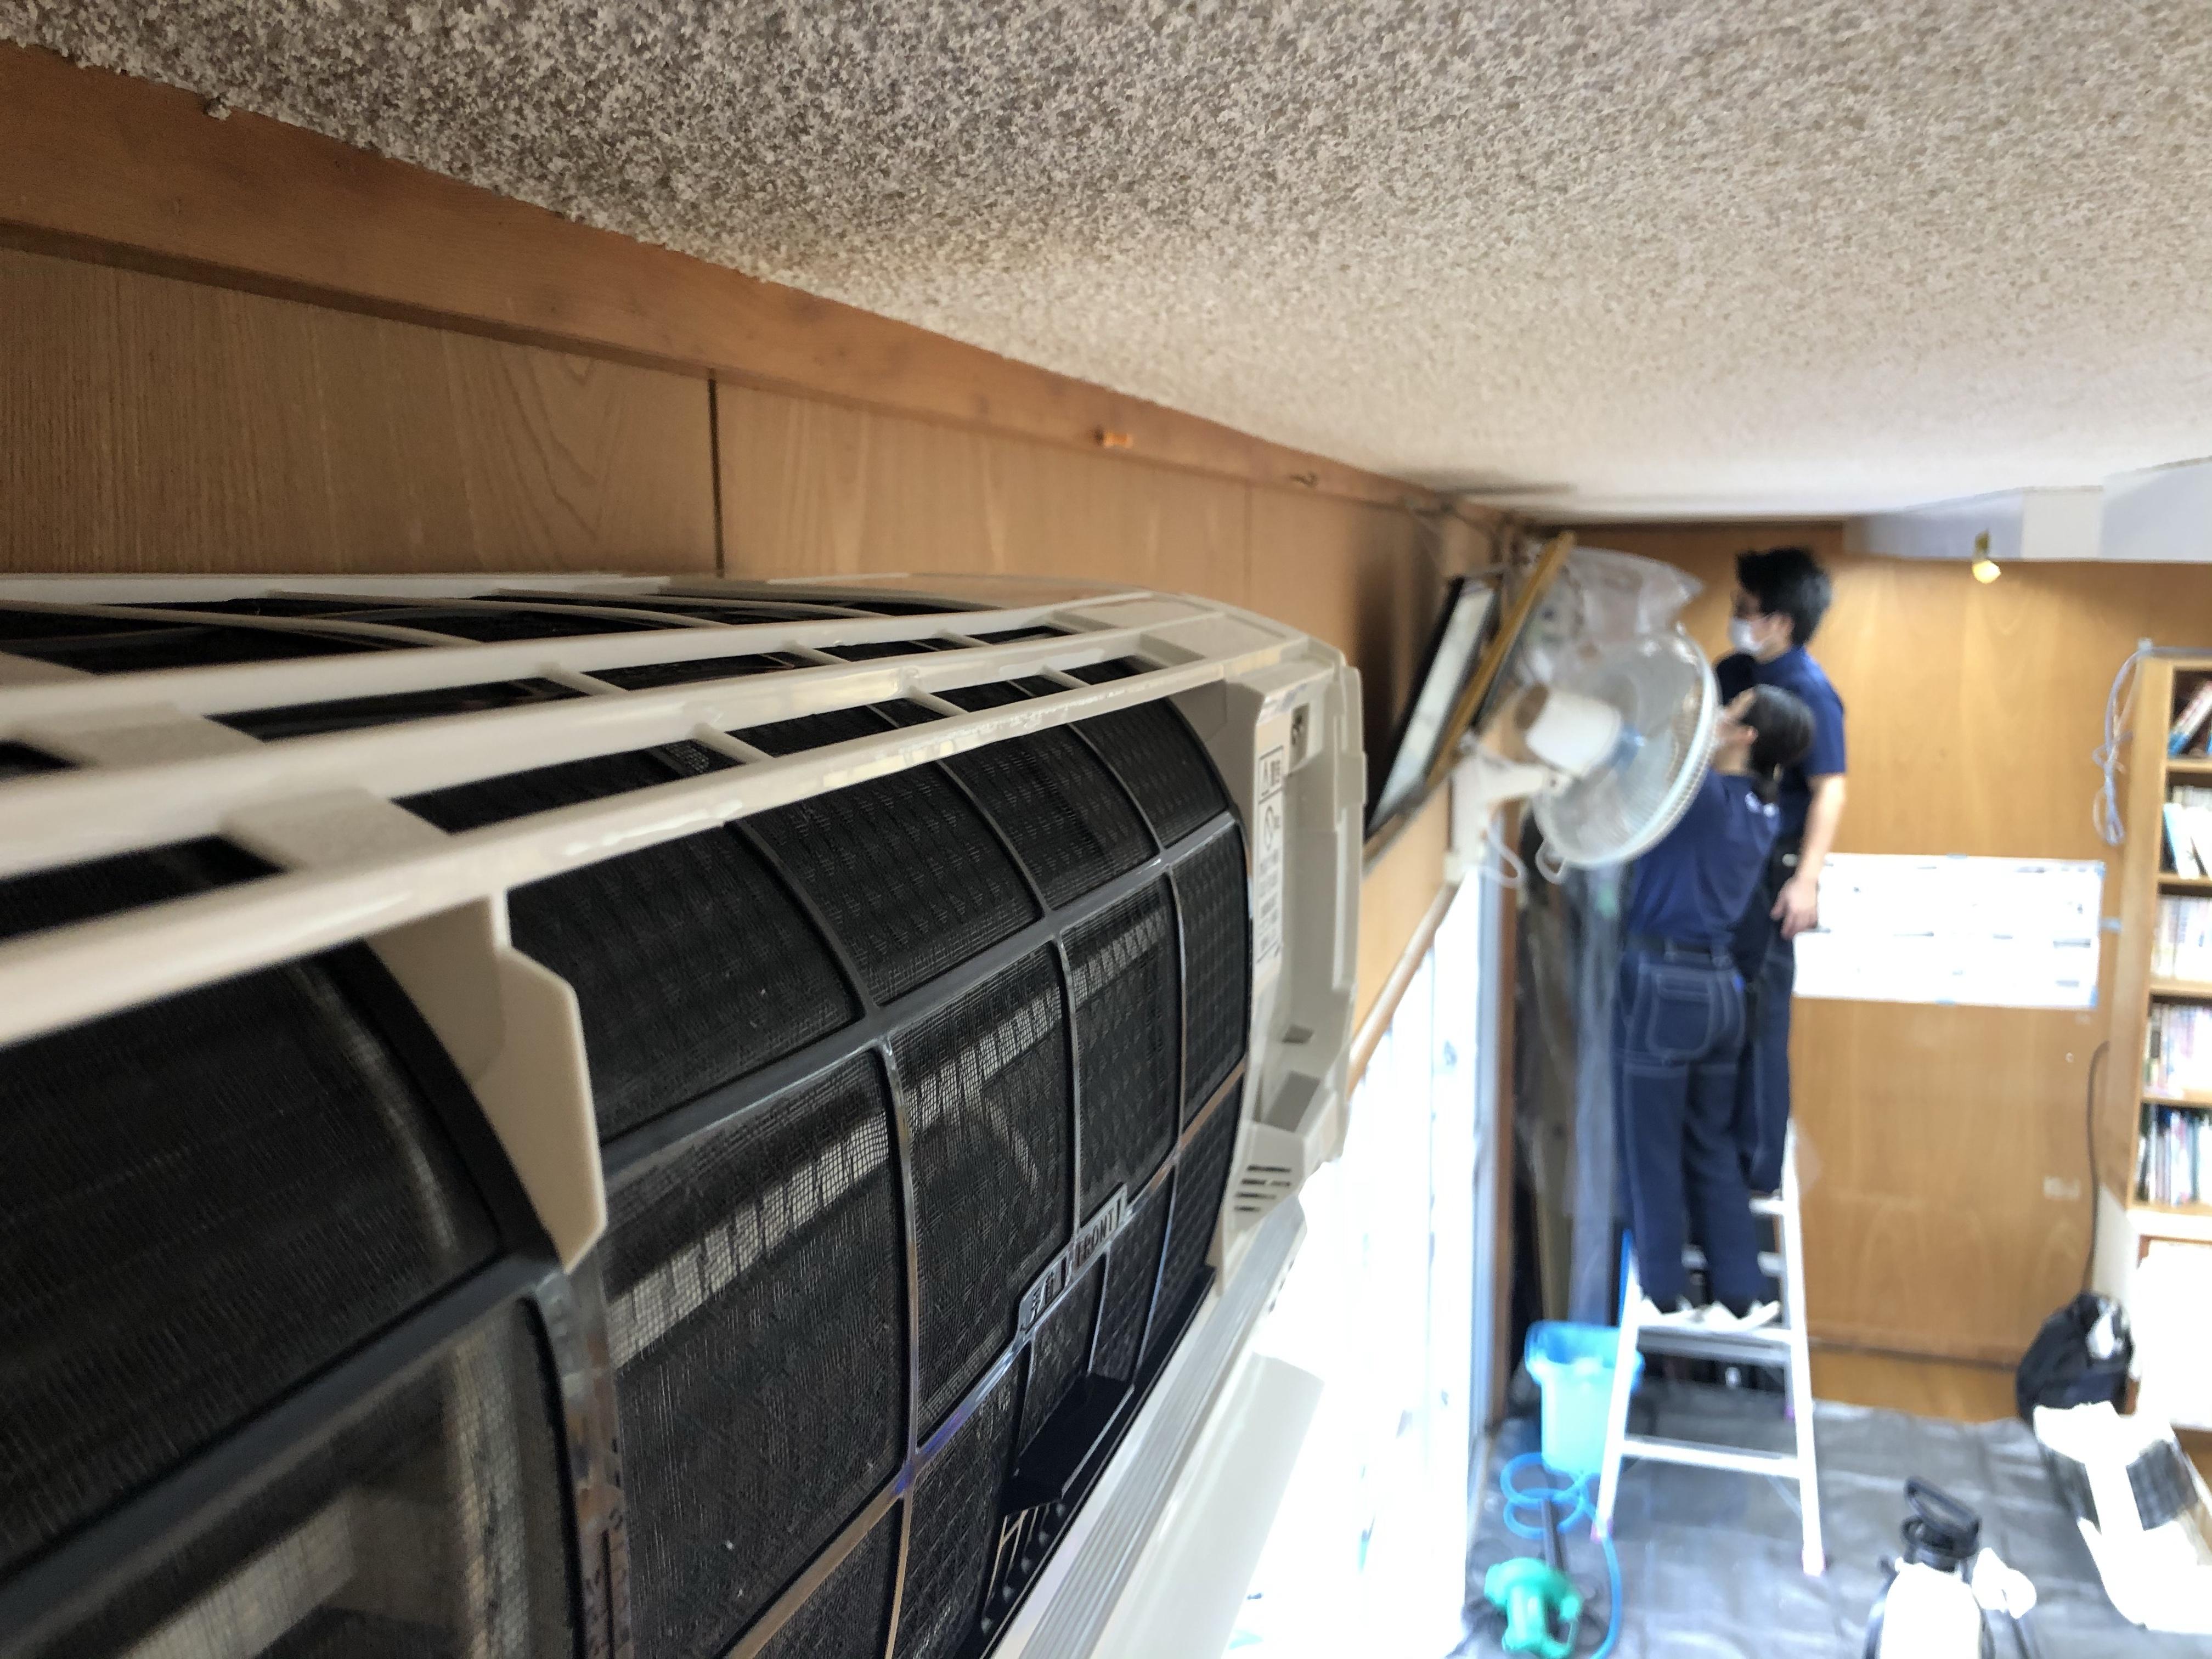 清掃 壁掛け エアコン 分解 洗浄